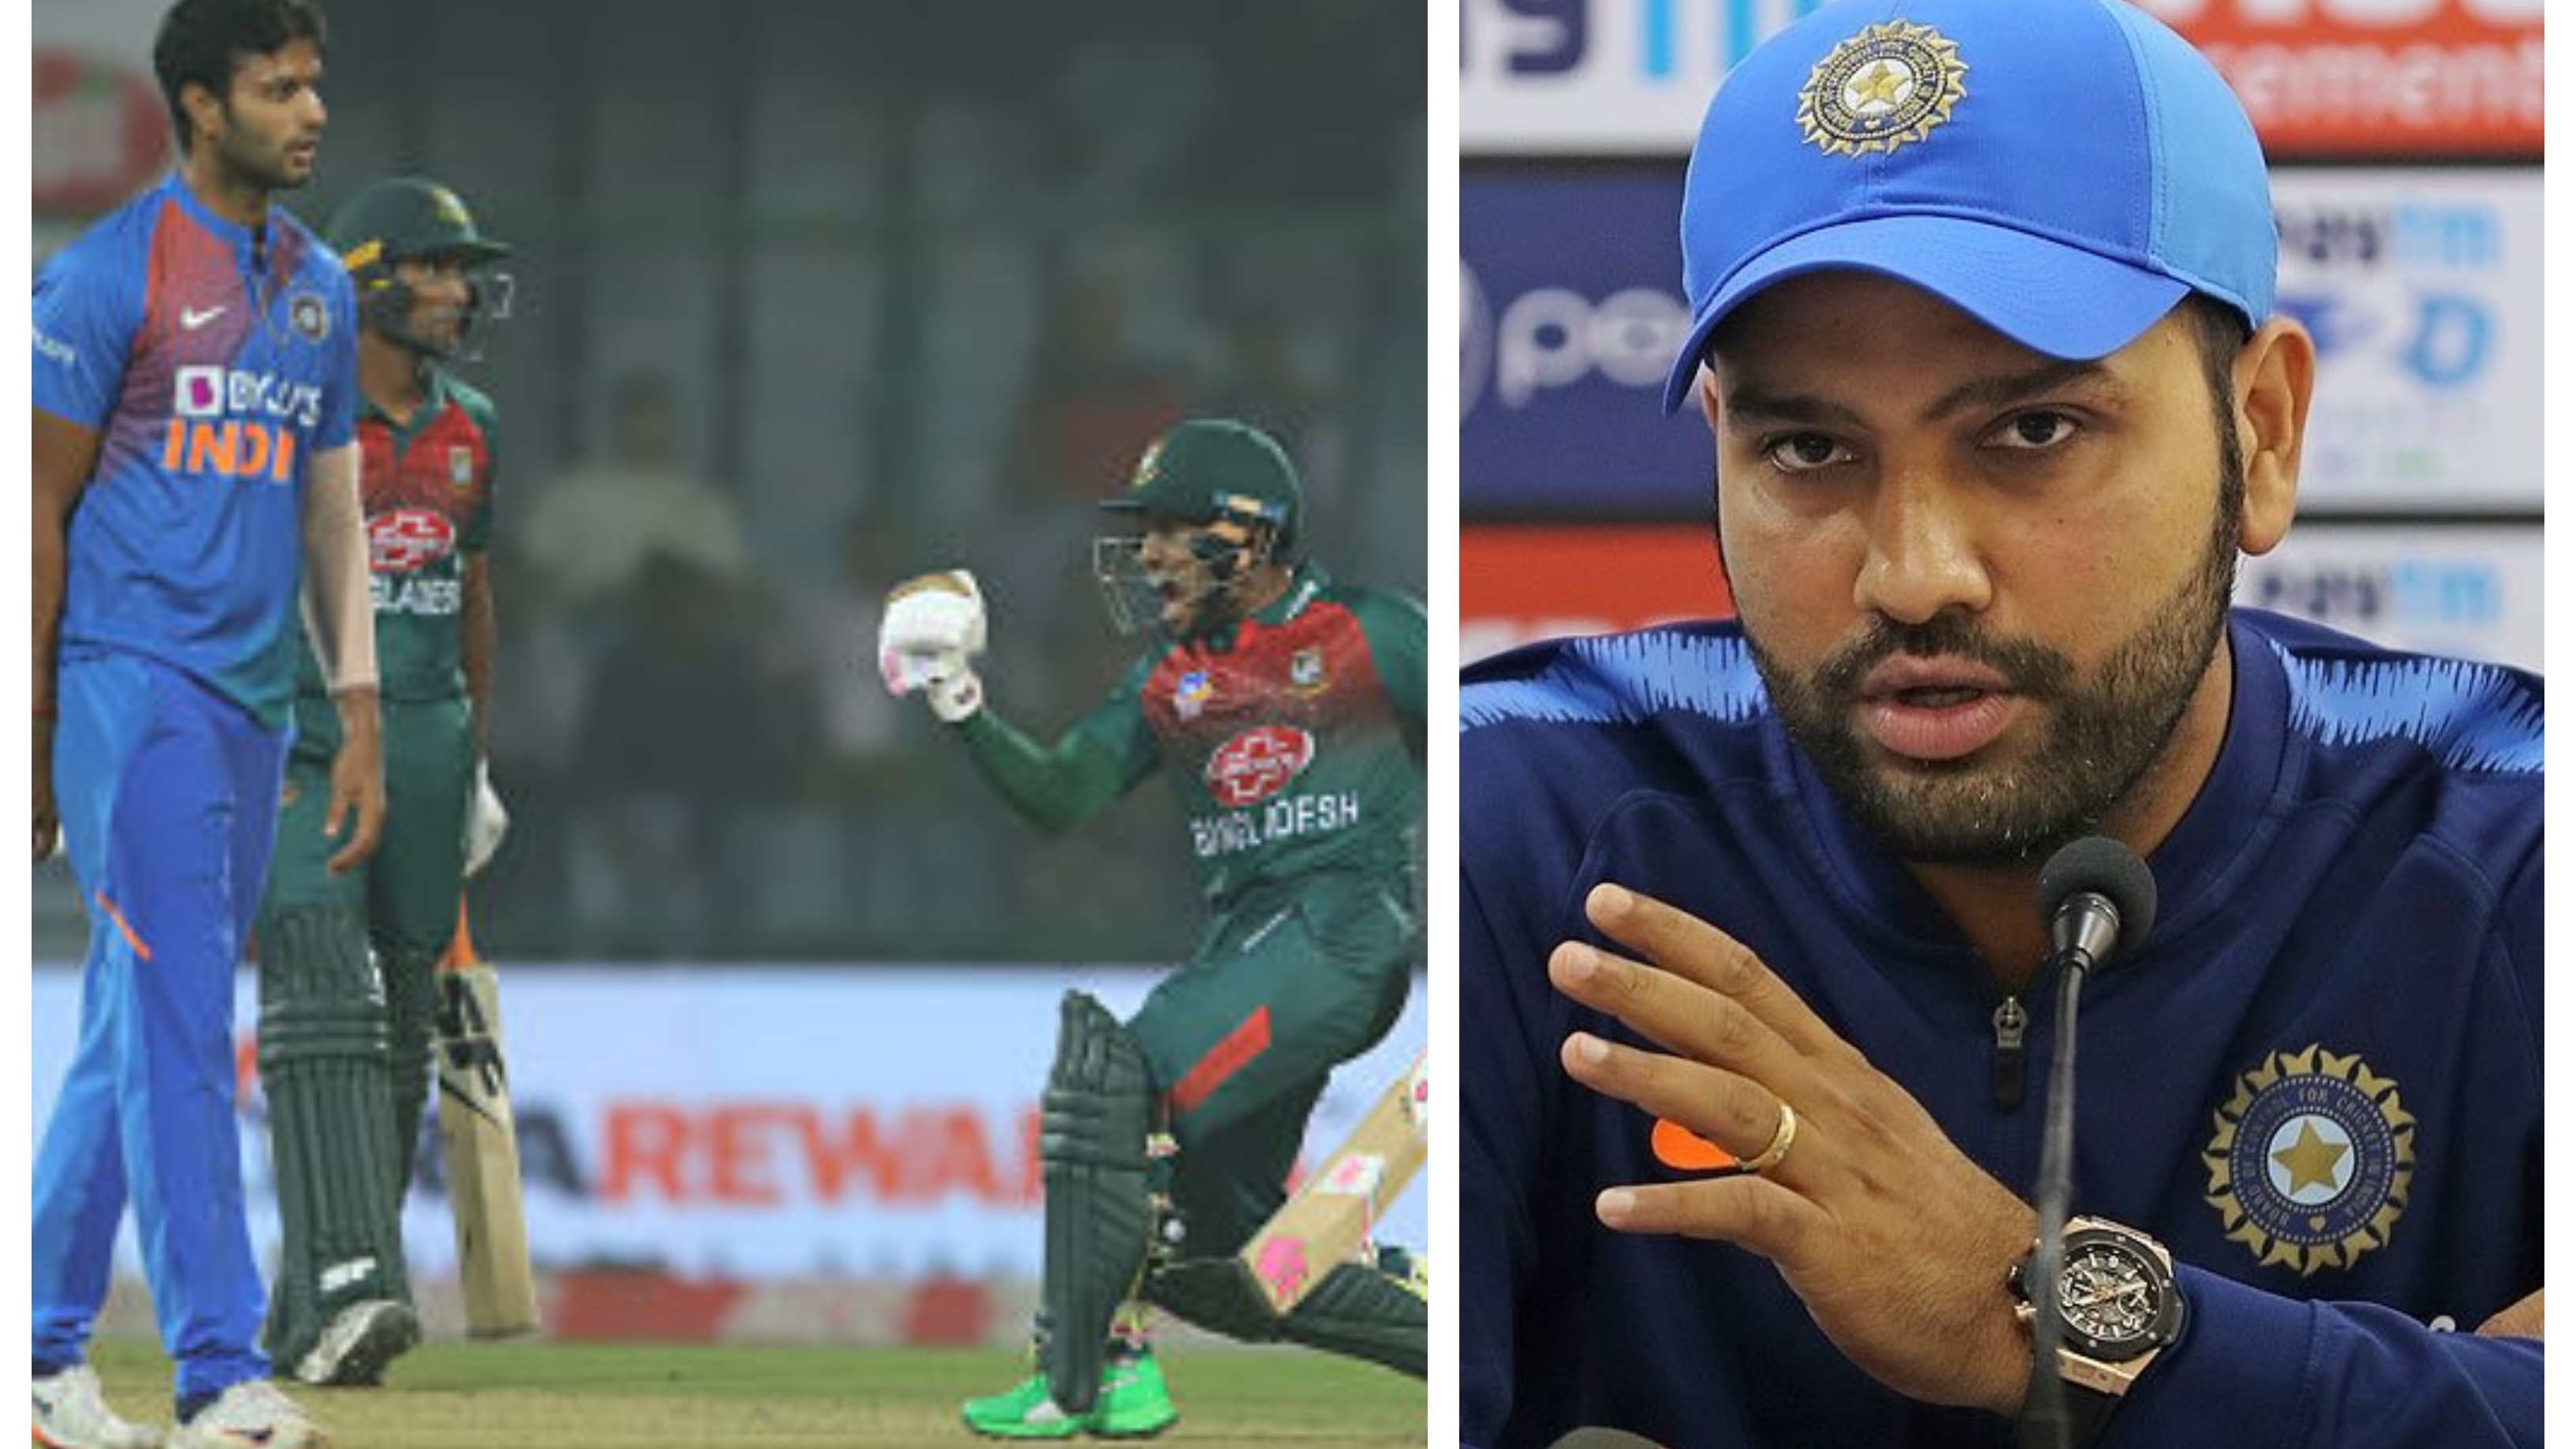 IND v BAN 2019: Rohit Sharma rues poor fielding, lack of DRS judgement after Delhi T20I loss